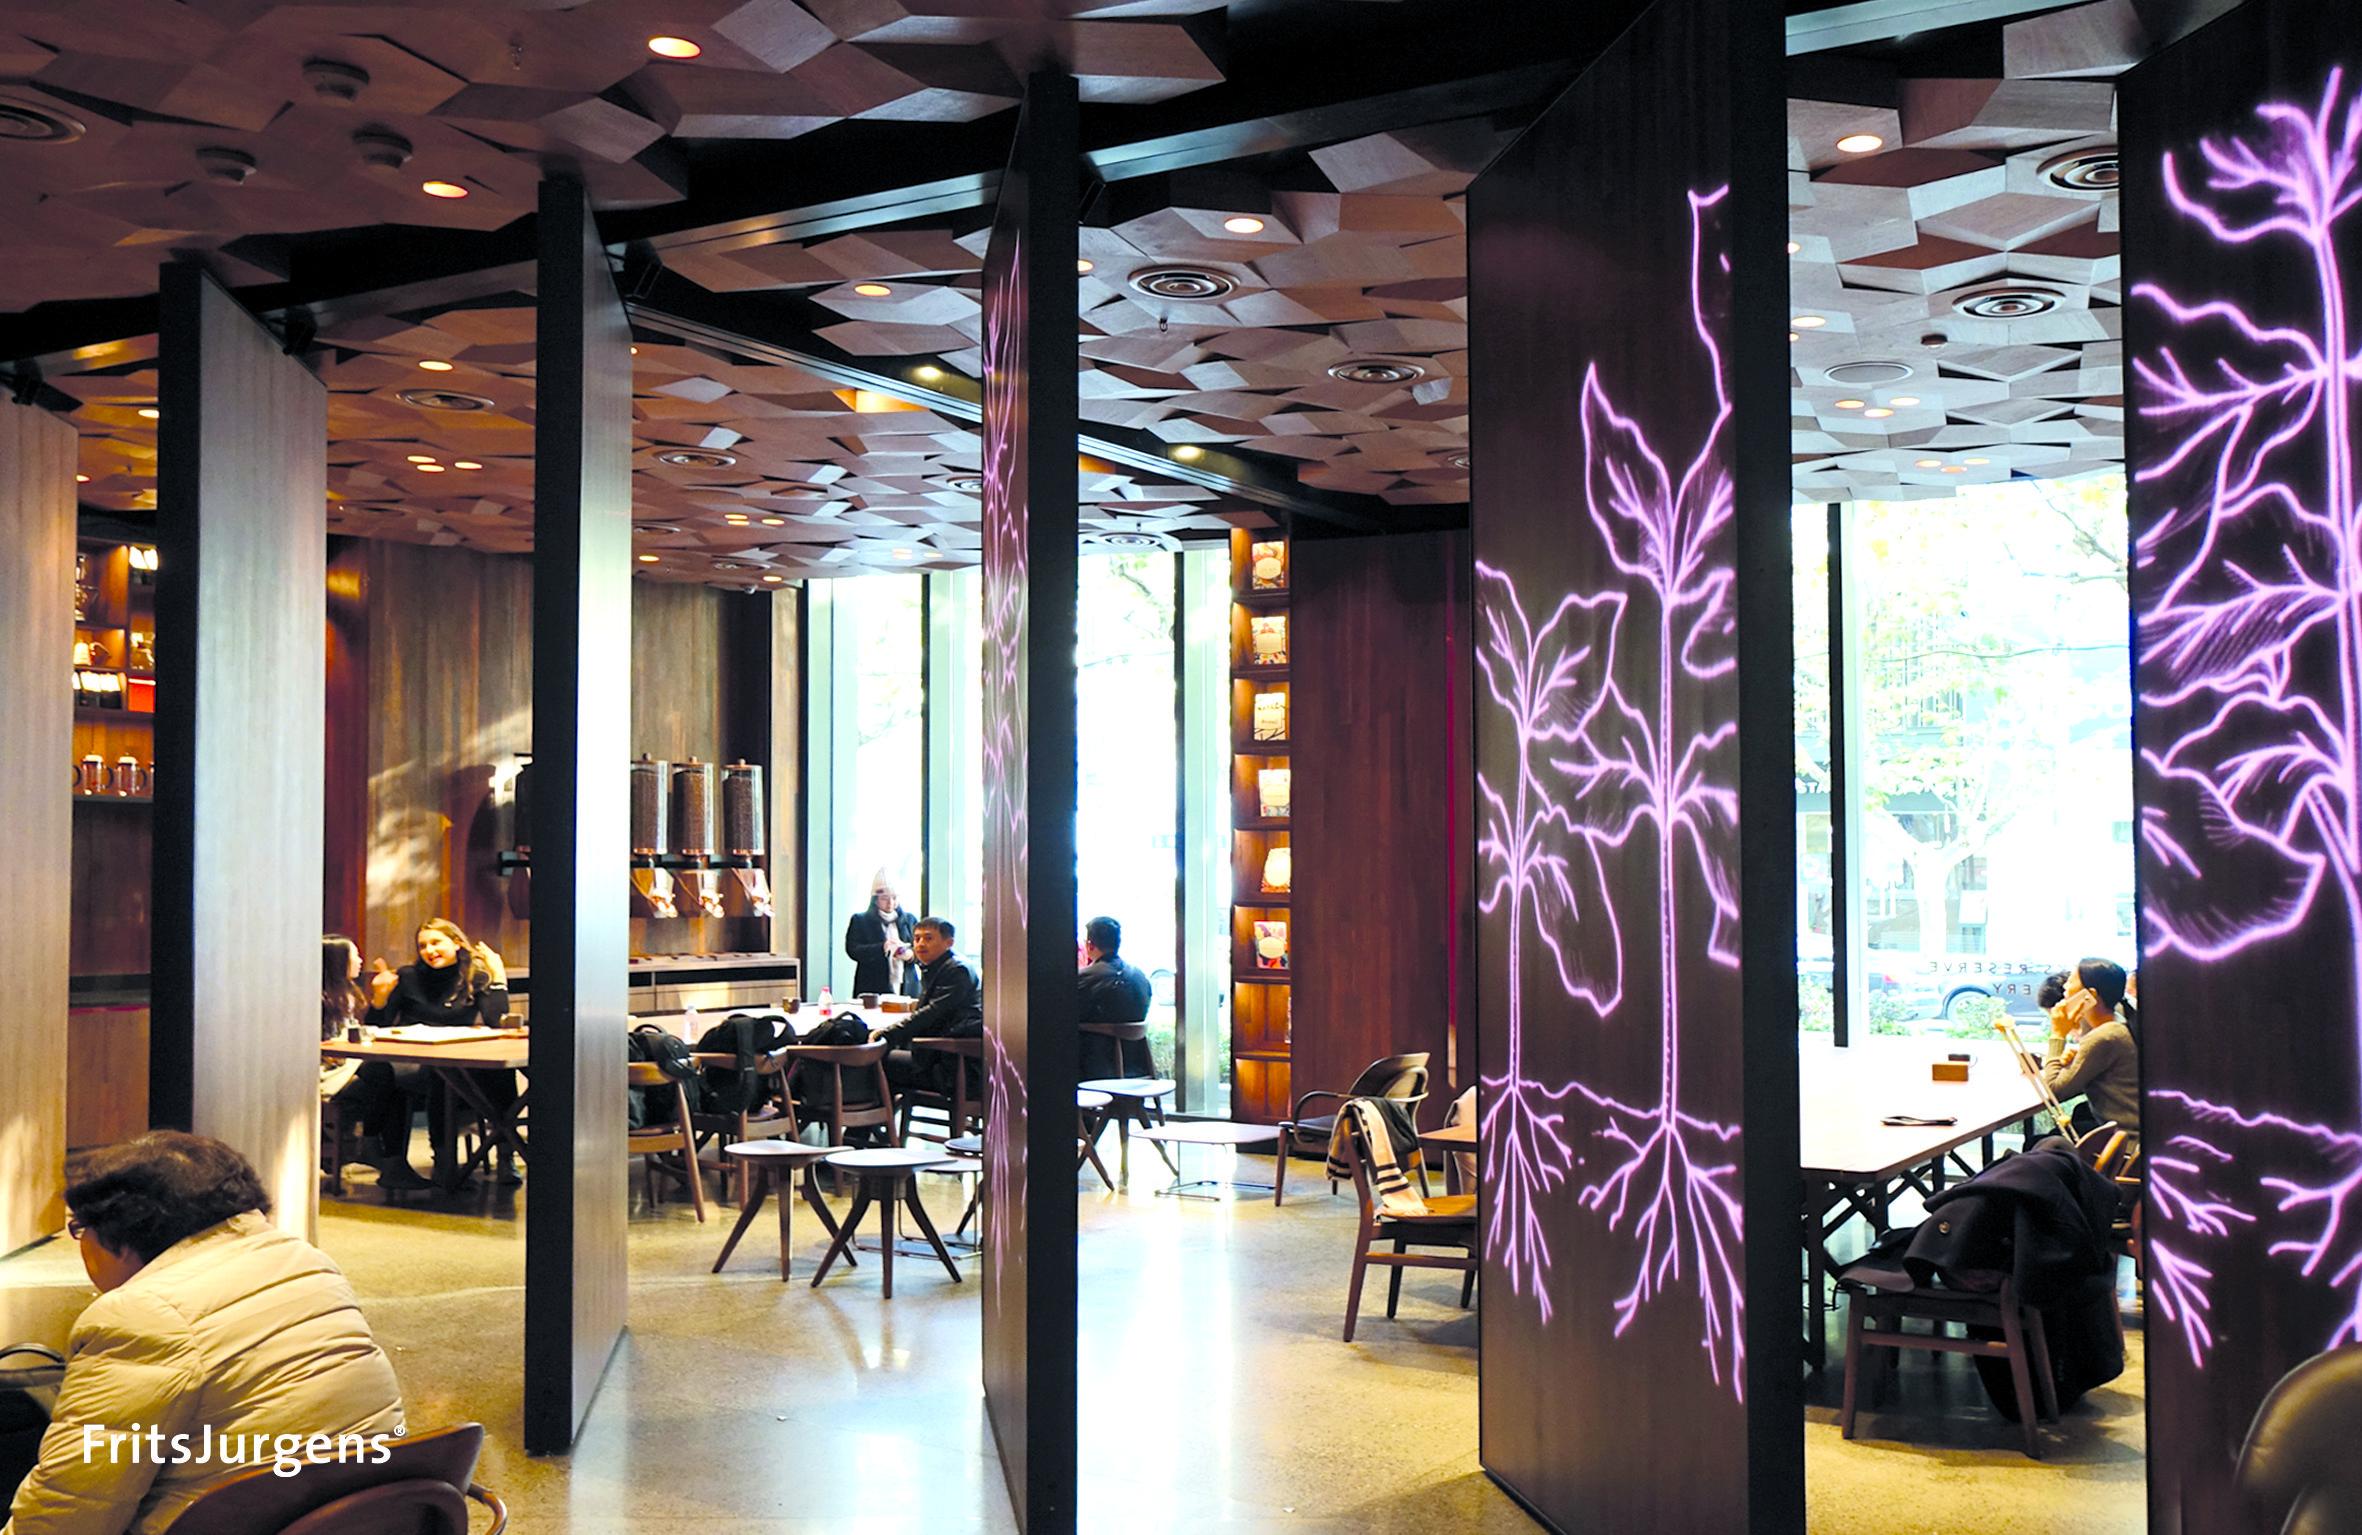 FritsJurgens_PivotHinge_Starbucks_Open.jpg